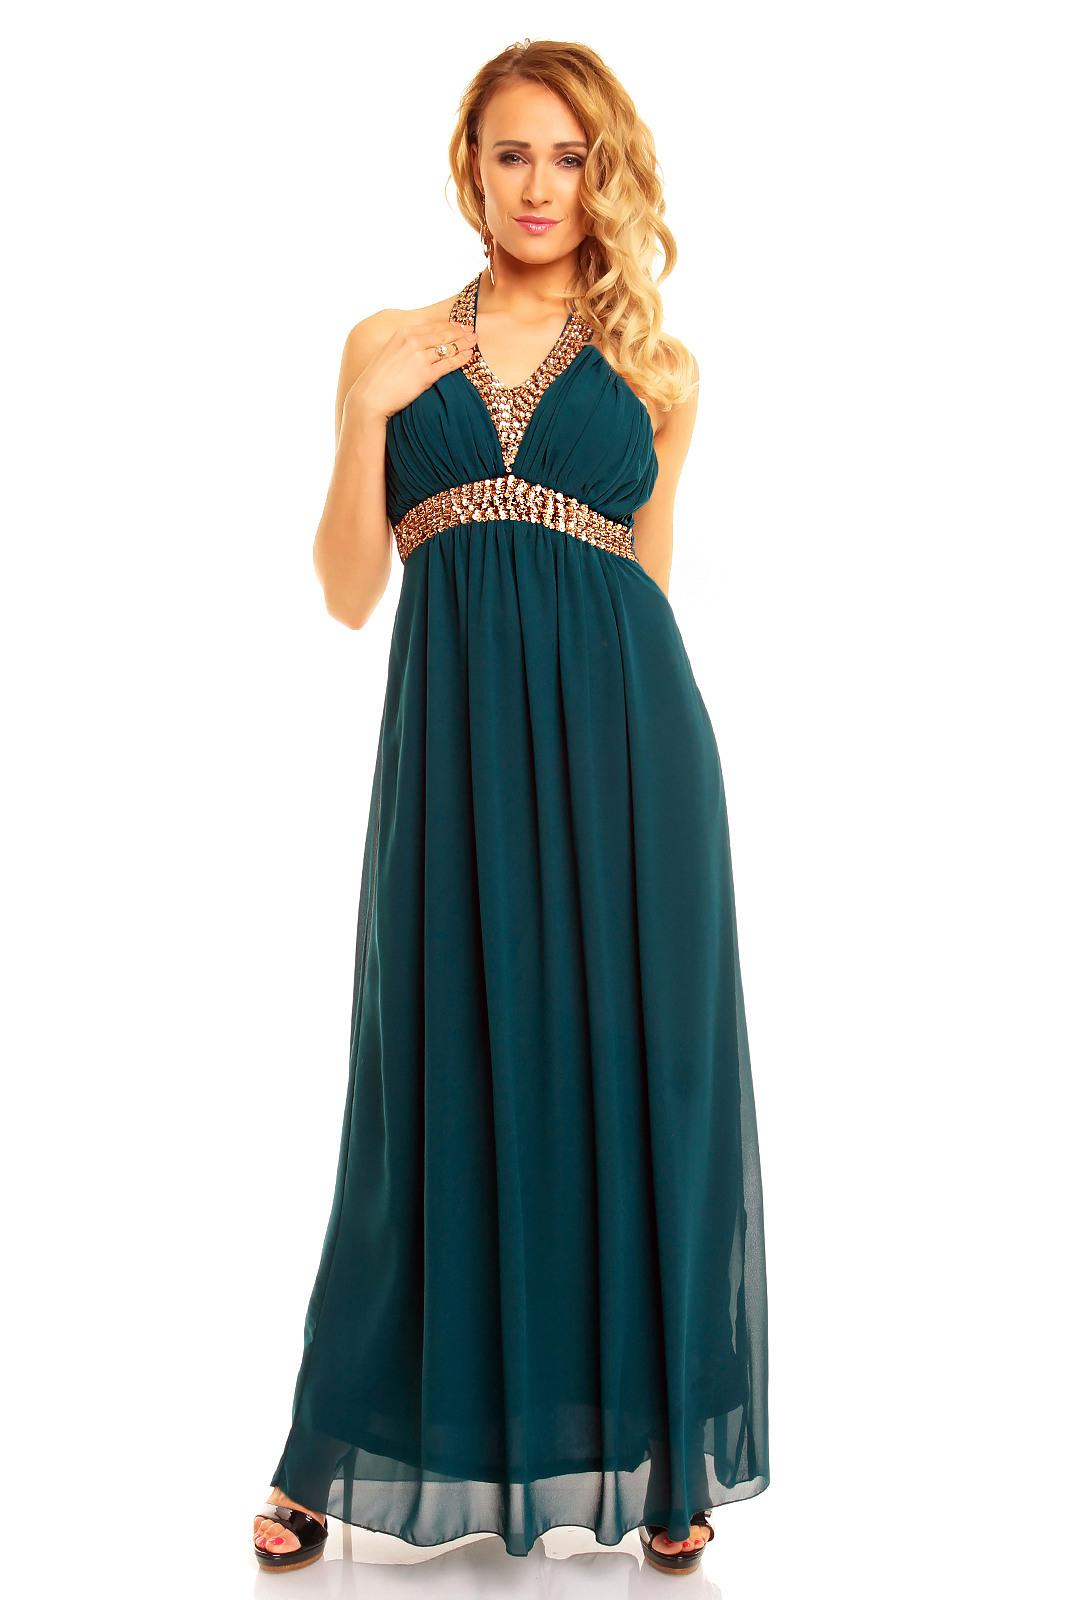 Abend Wunderbar Kleid Grün Festlich Vertrieb10 Einzigartig Kleid Grün Festlich Stylish